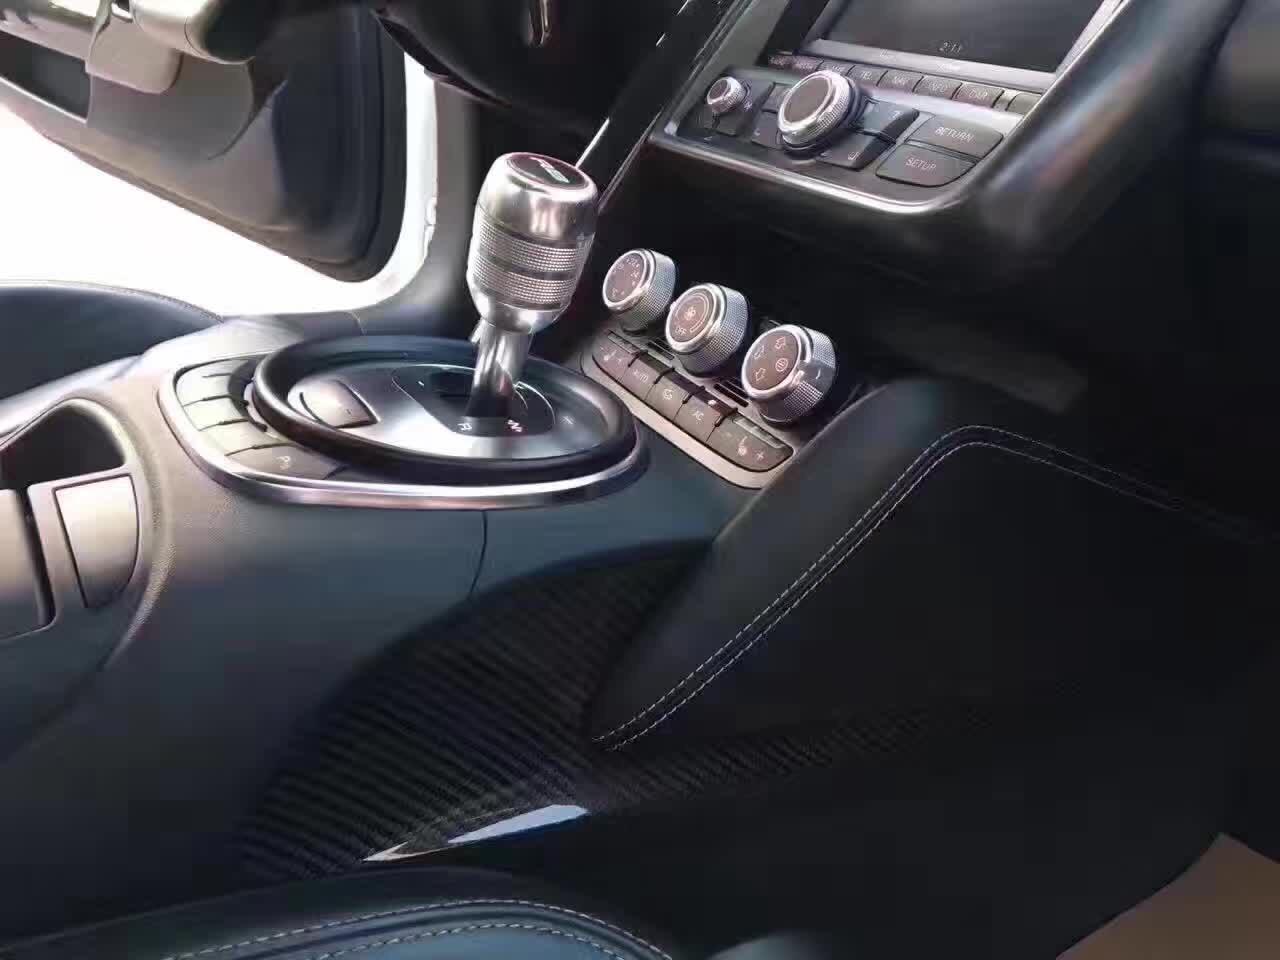 全新2014款奥迪 R8  纯白色 黑内二手车